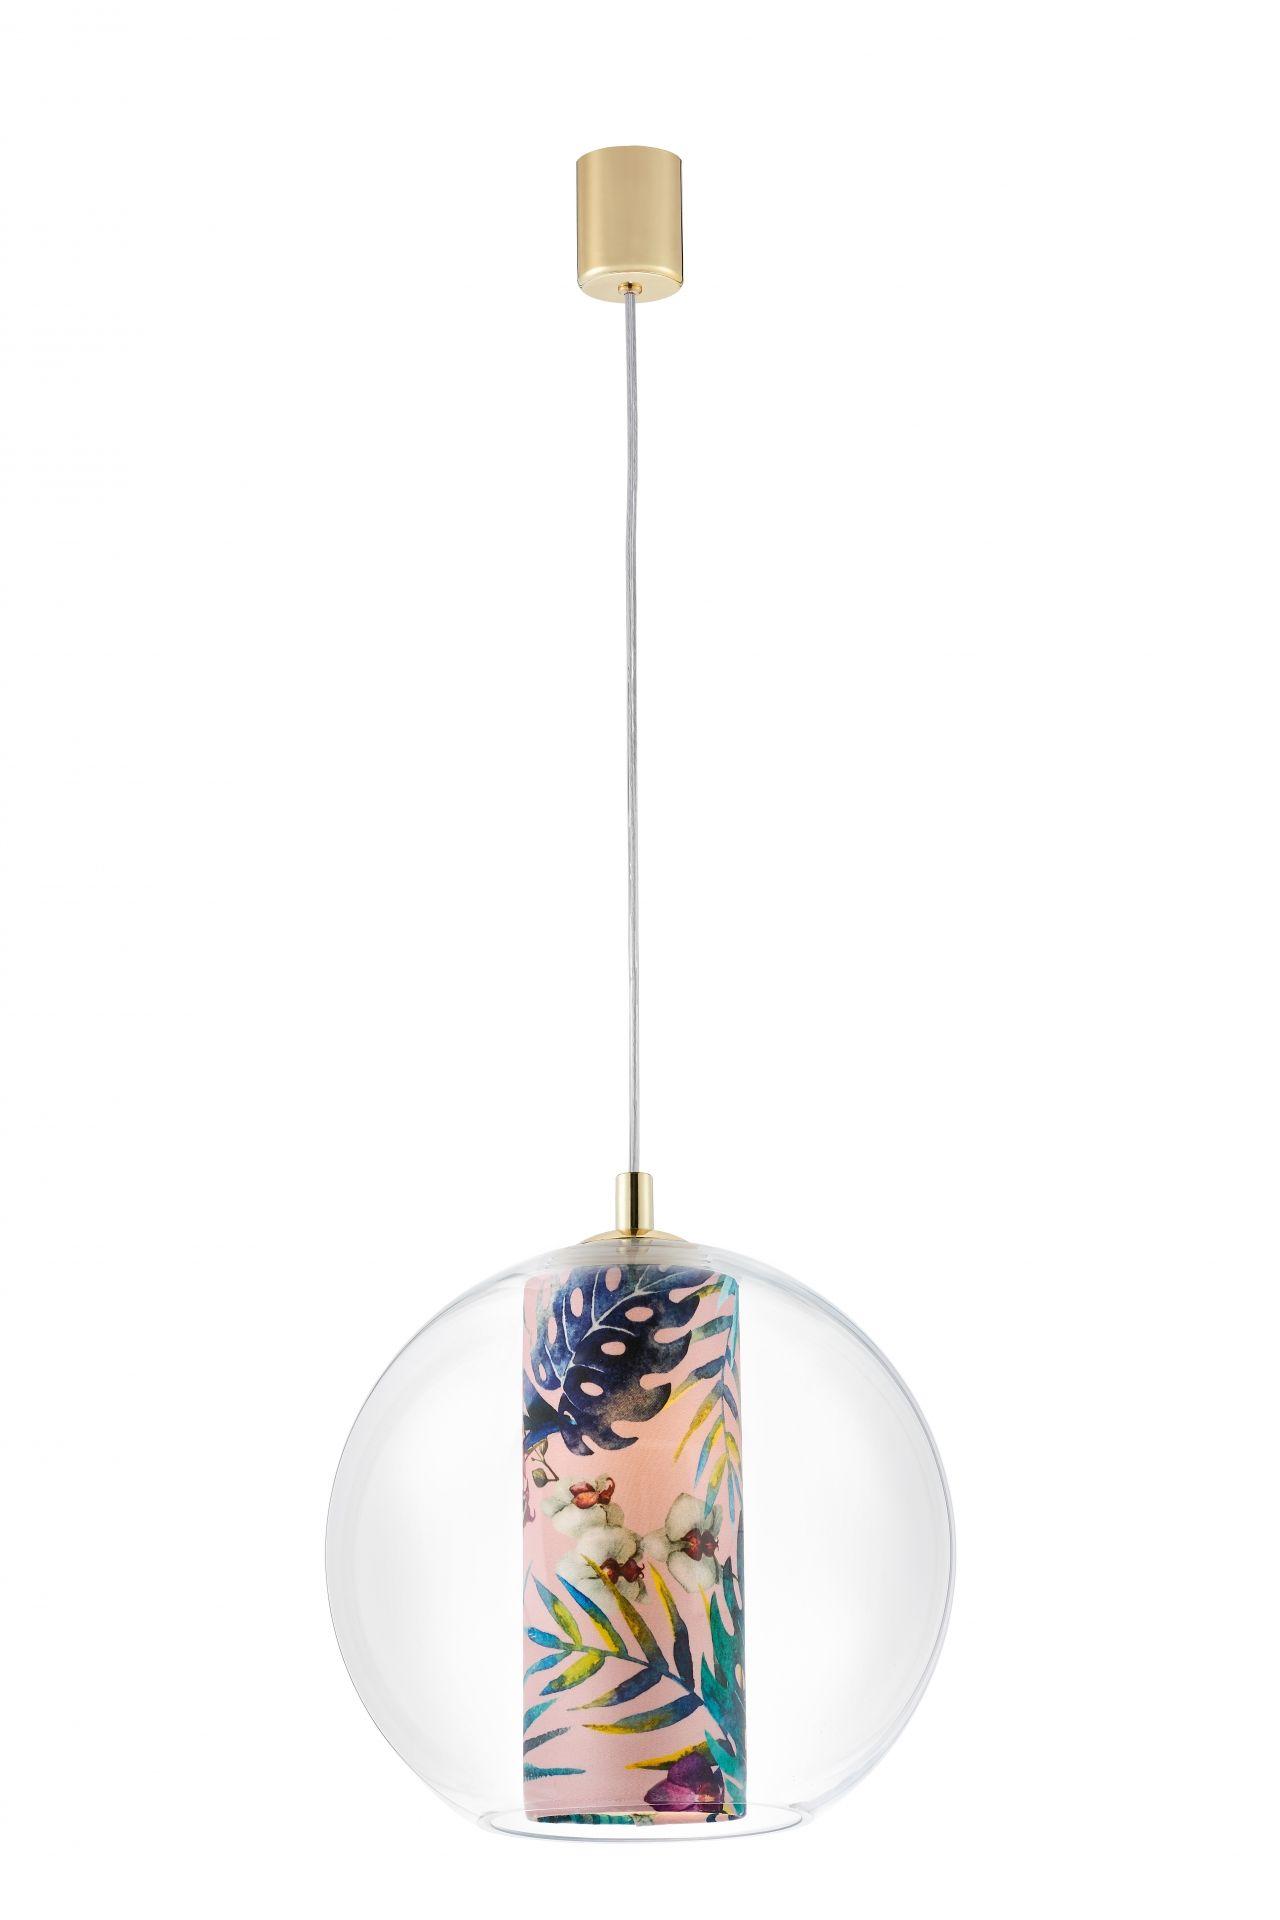 Lampa wisząca Feria M 10907116 KASPA dekoracyjna oprawa z kulistym kloszem